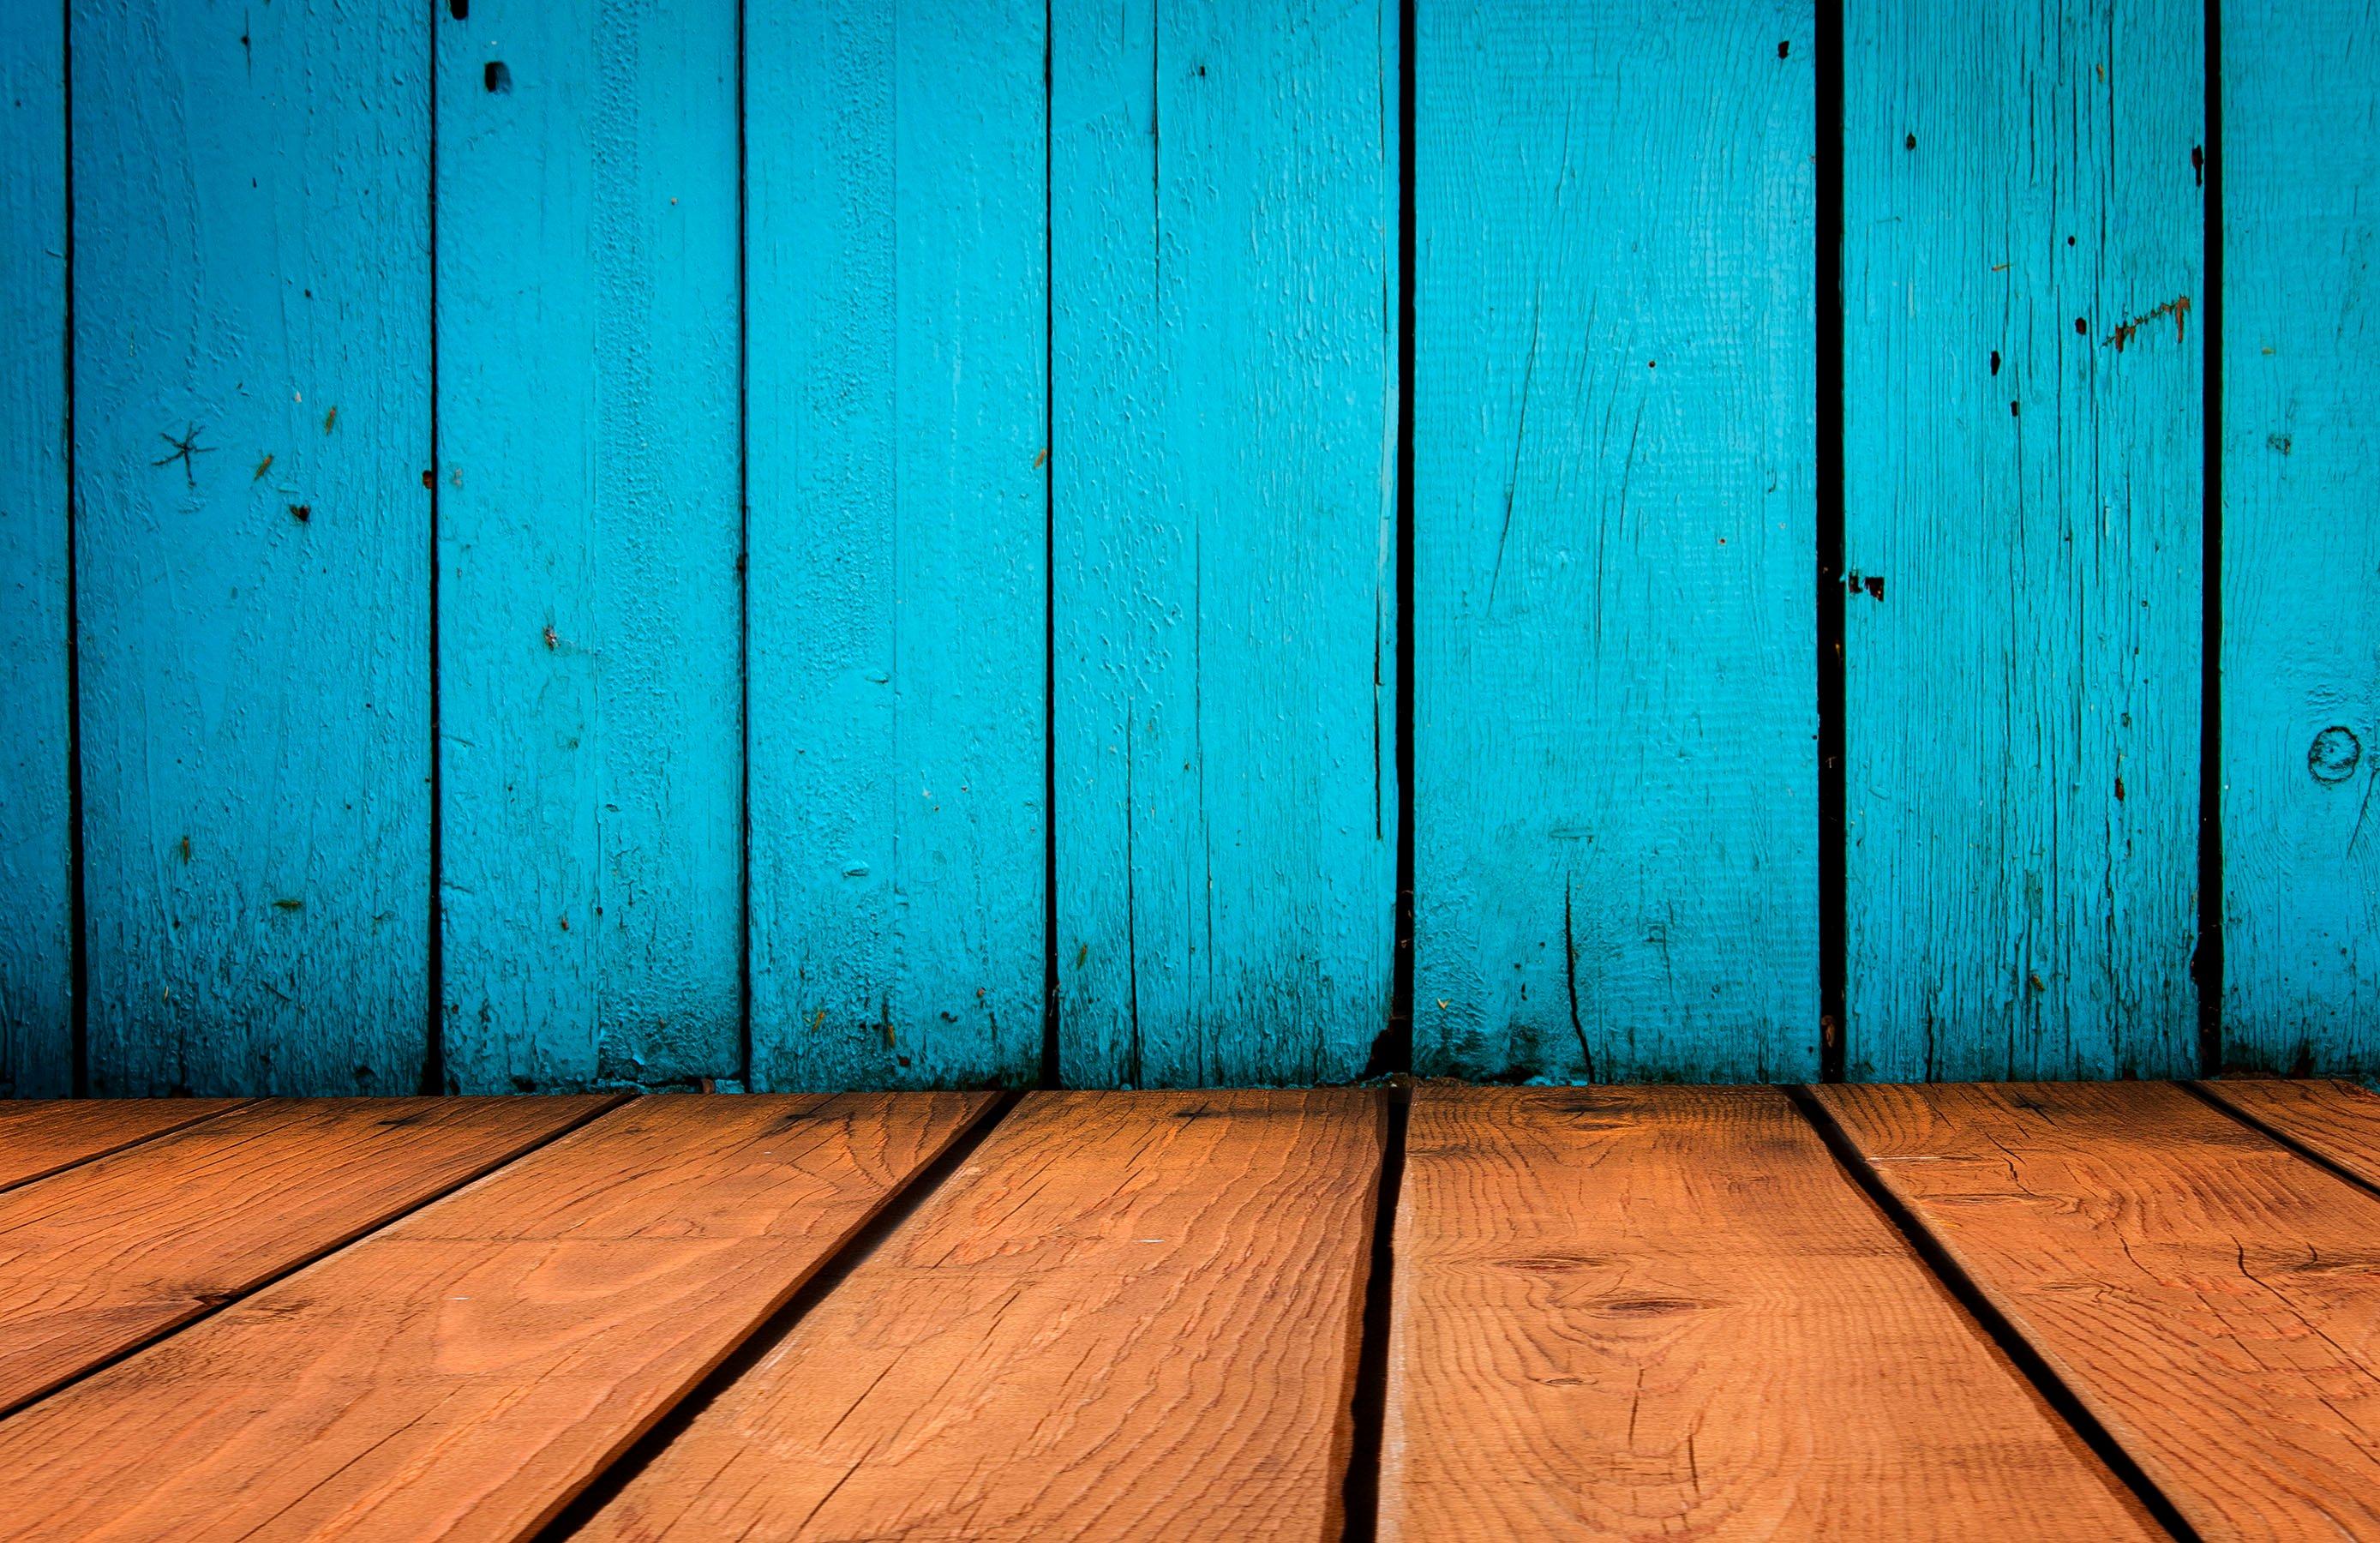 Wall Mural Photo Blue Wood Wallpaper Wallpapersafari